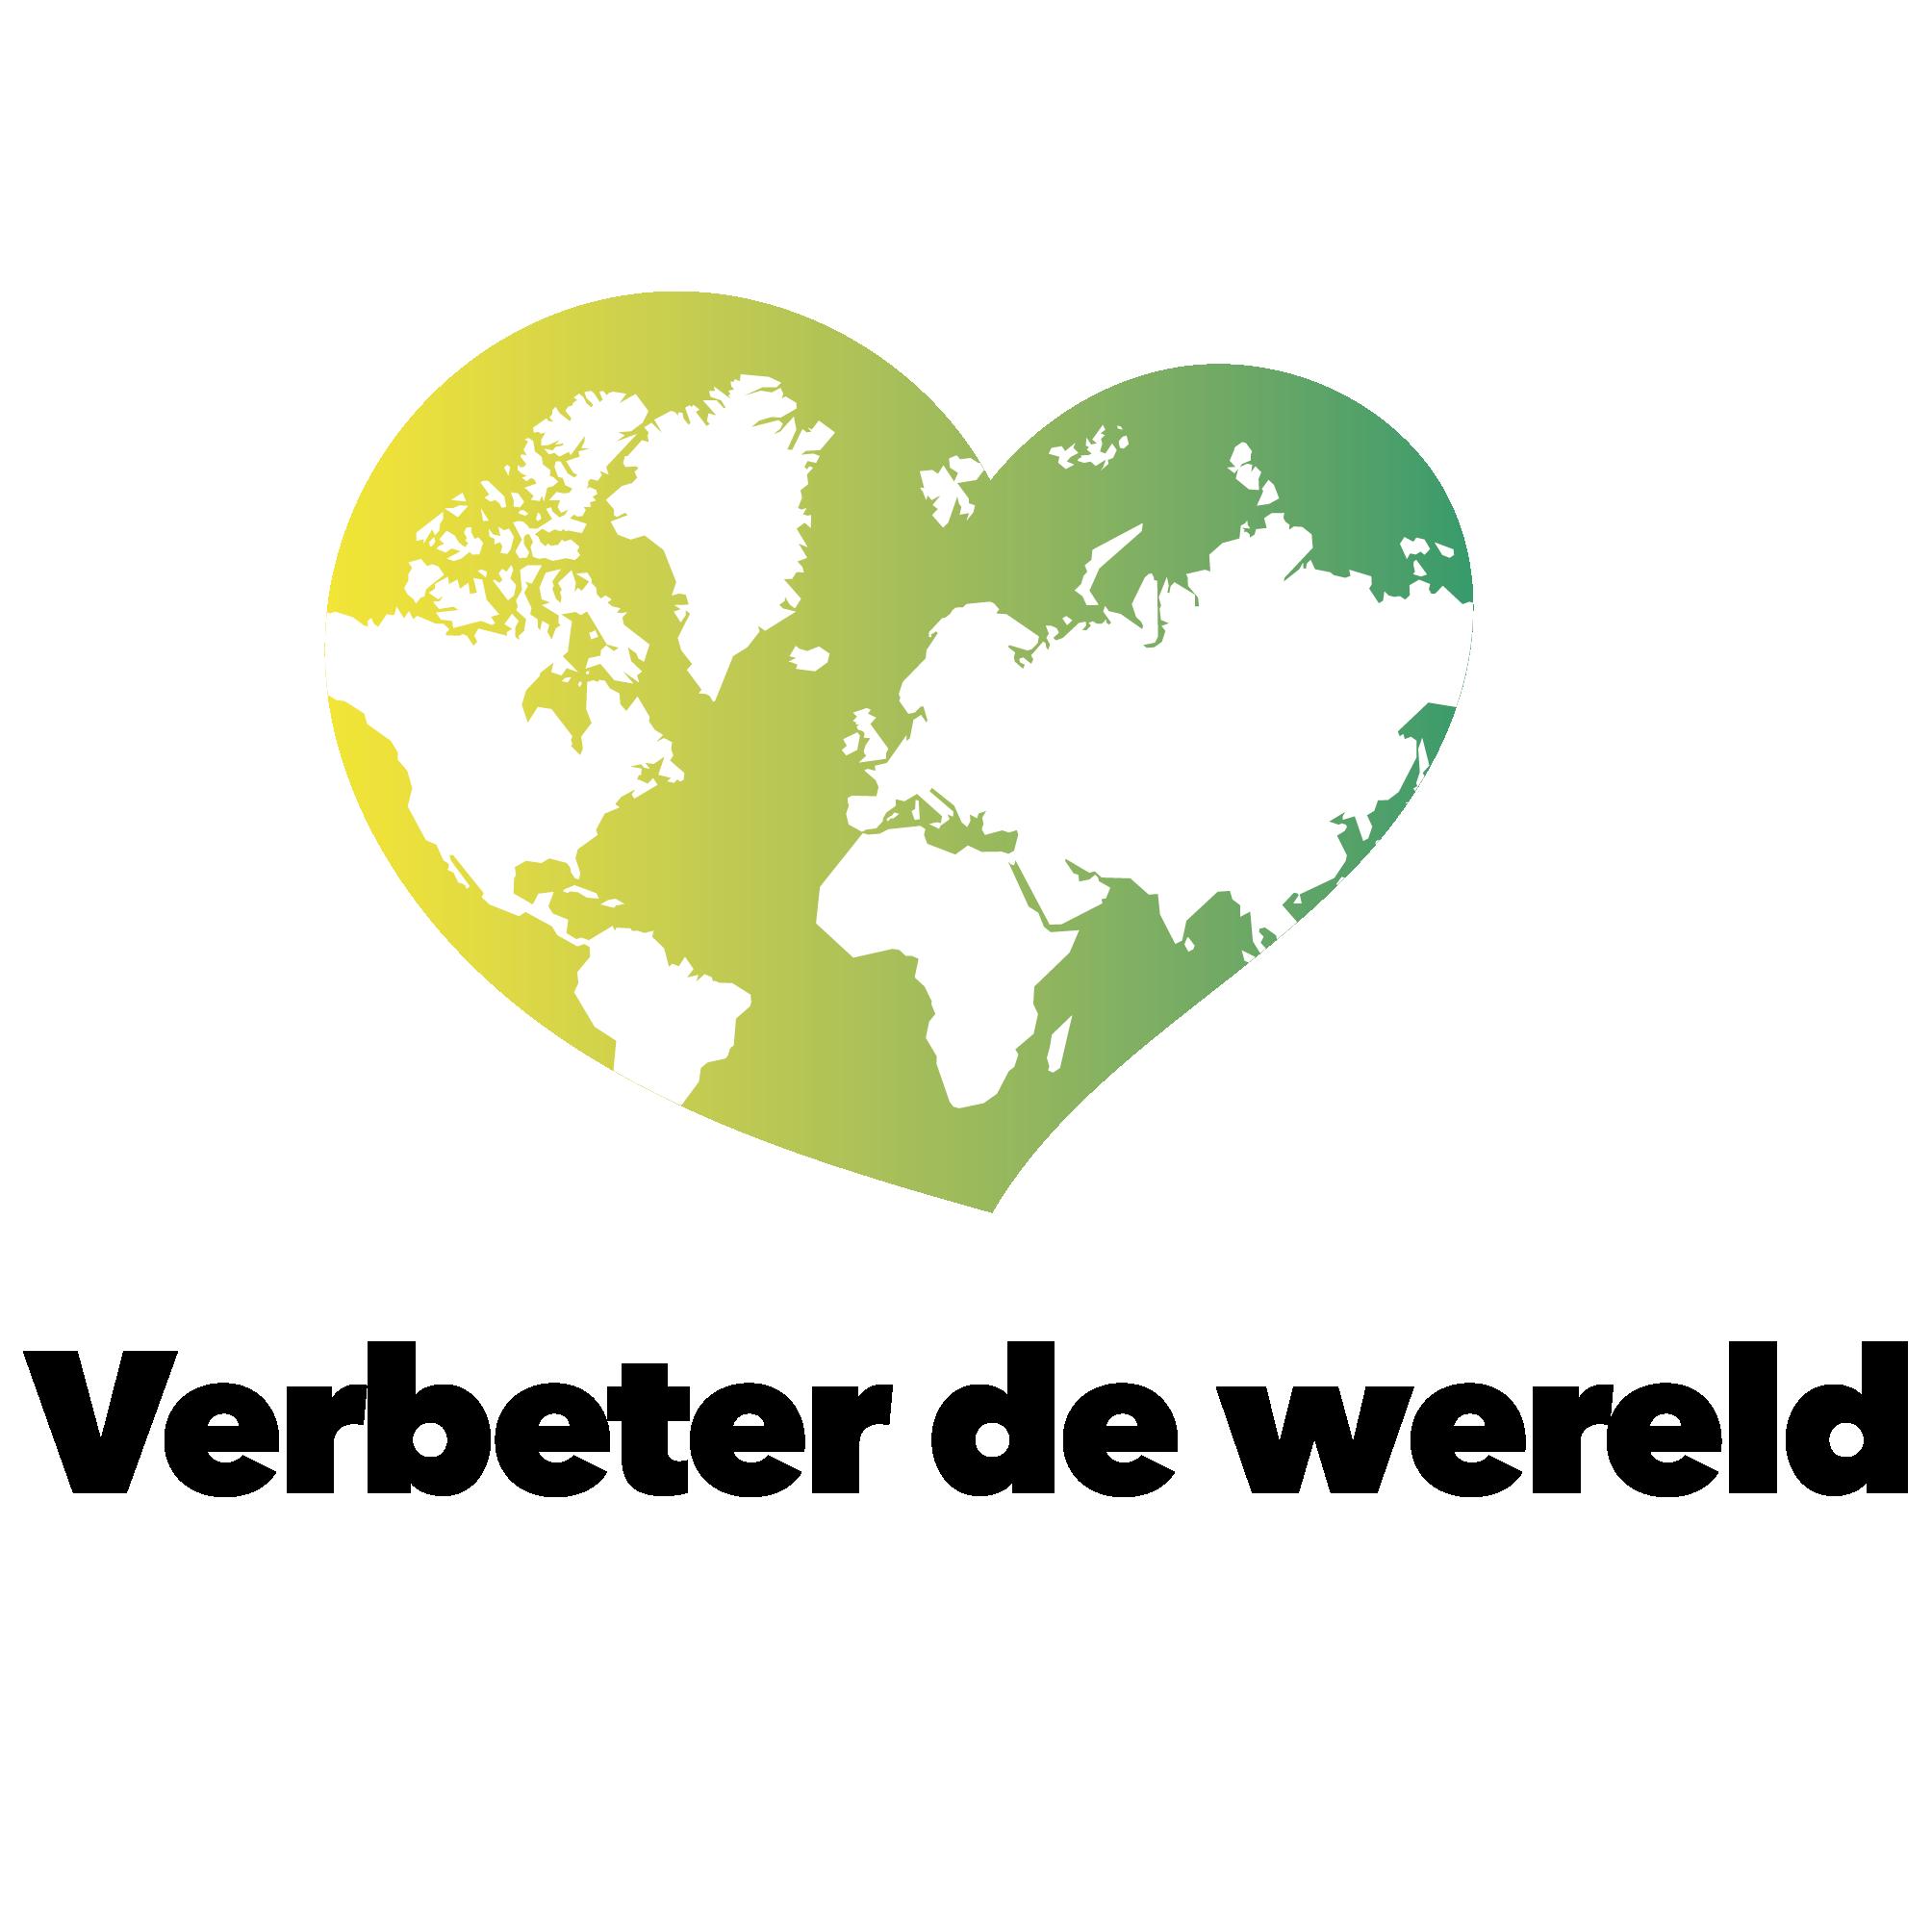 Verbeterdewereld-logo-2017 Vierkant